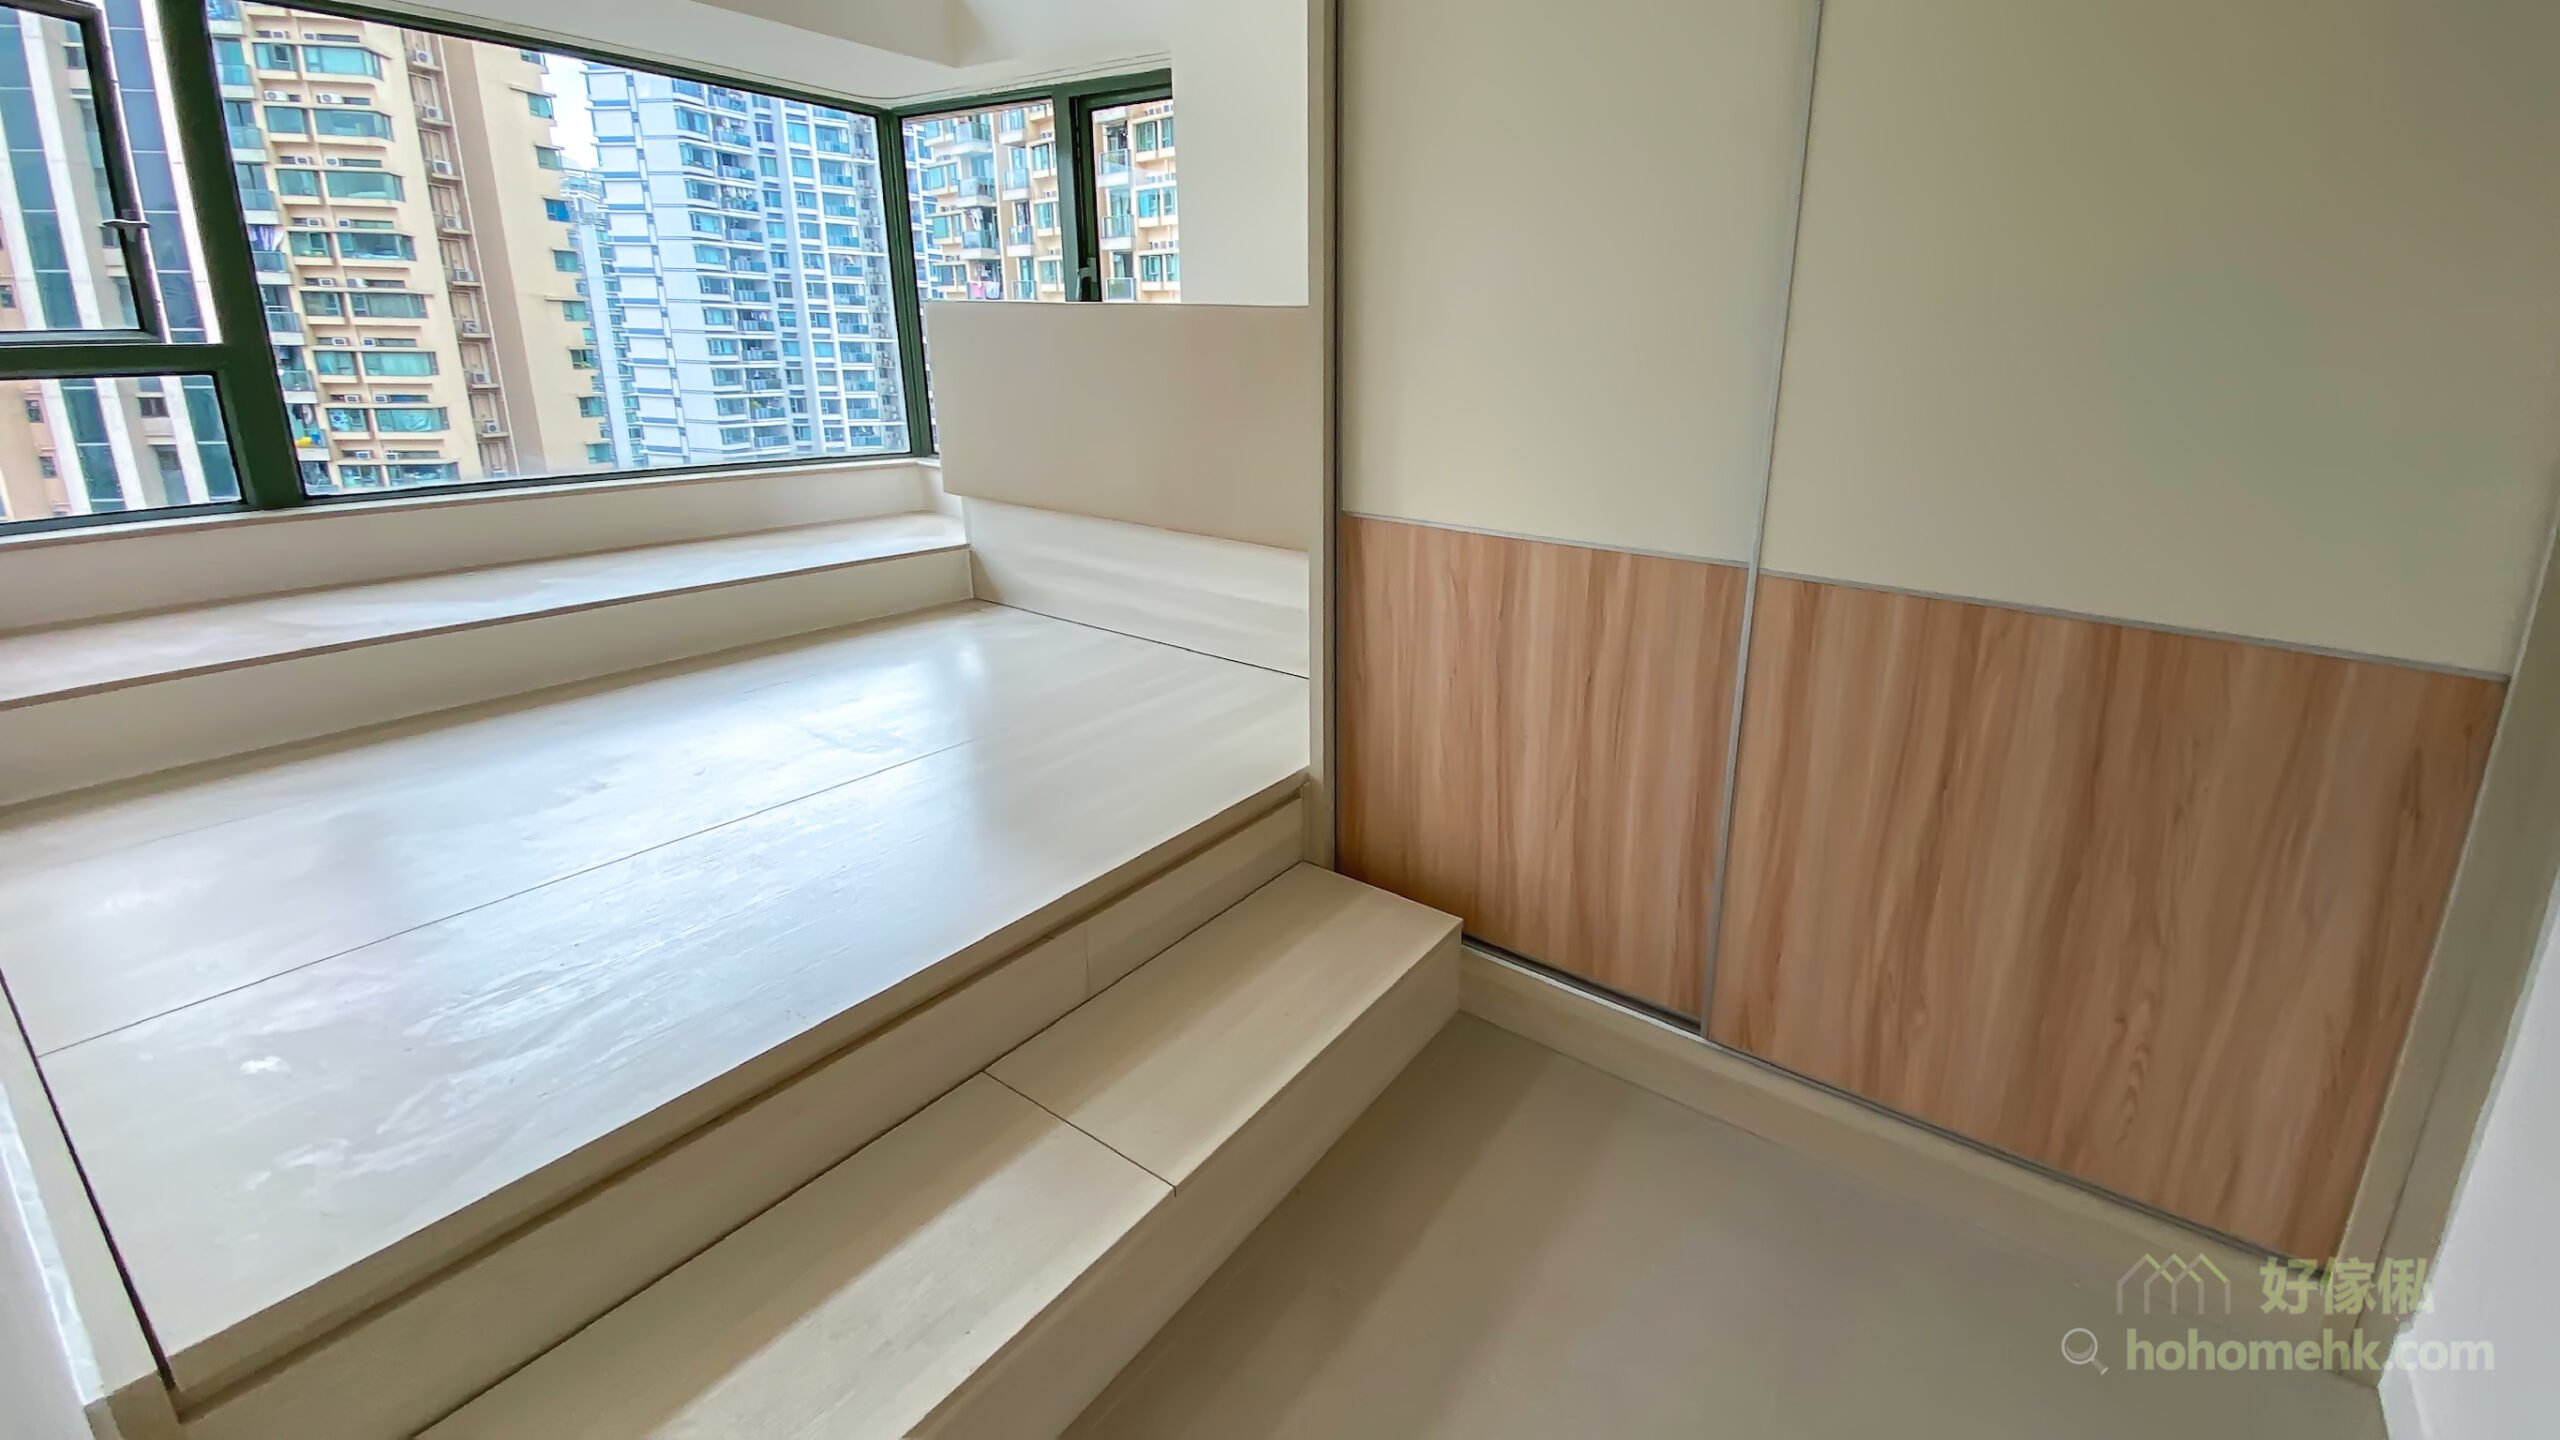 半地台睡房, 地台床連衣櫃設計, 半地台設計在視覺上比全地台設計更有變化和設計感,可以明確劃分兩個空間之餘,不用擔心整個空間都一式一樣